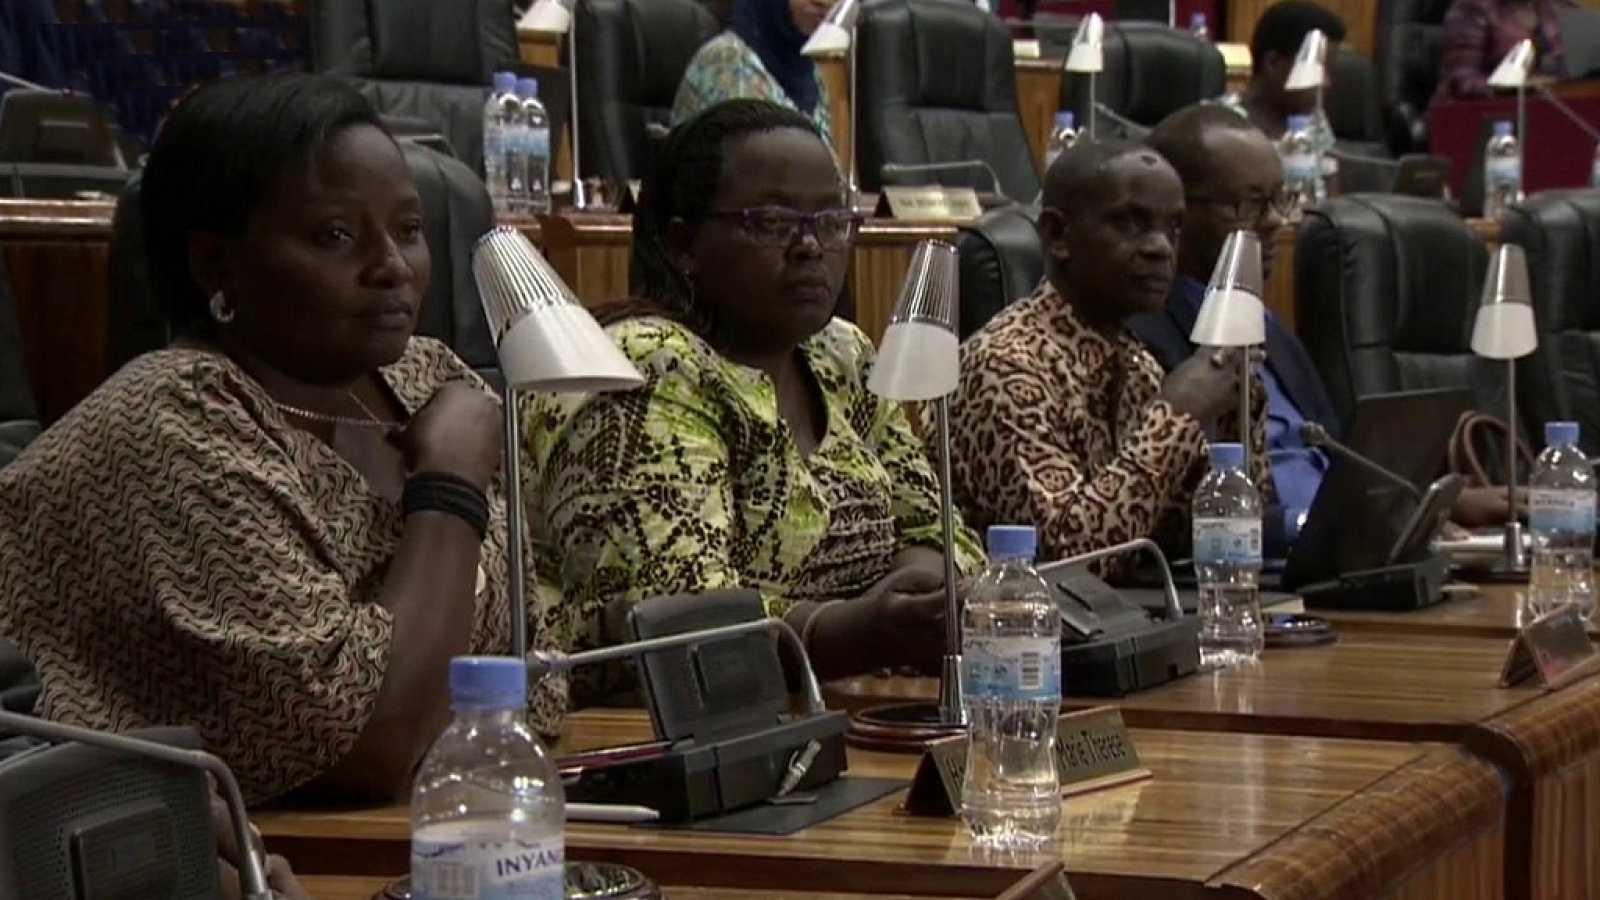 Informe Semanal - Ruanda: La hora de las mujeres - ver ahora